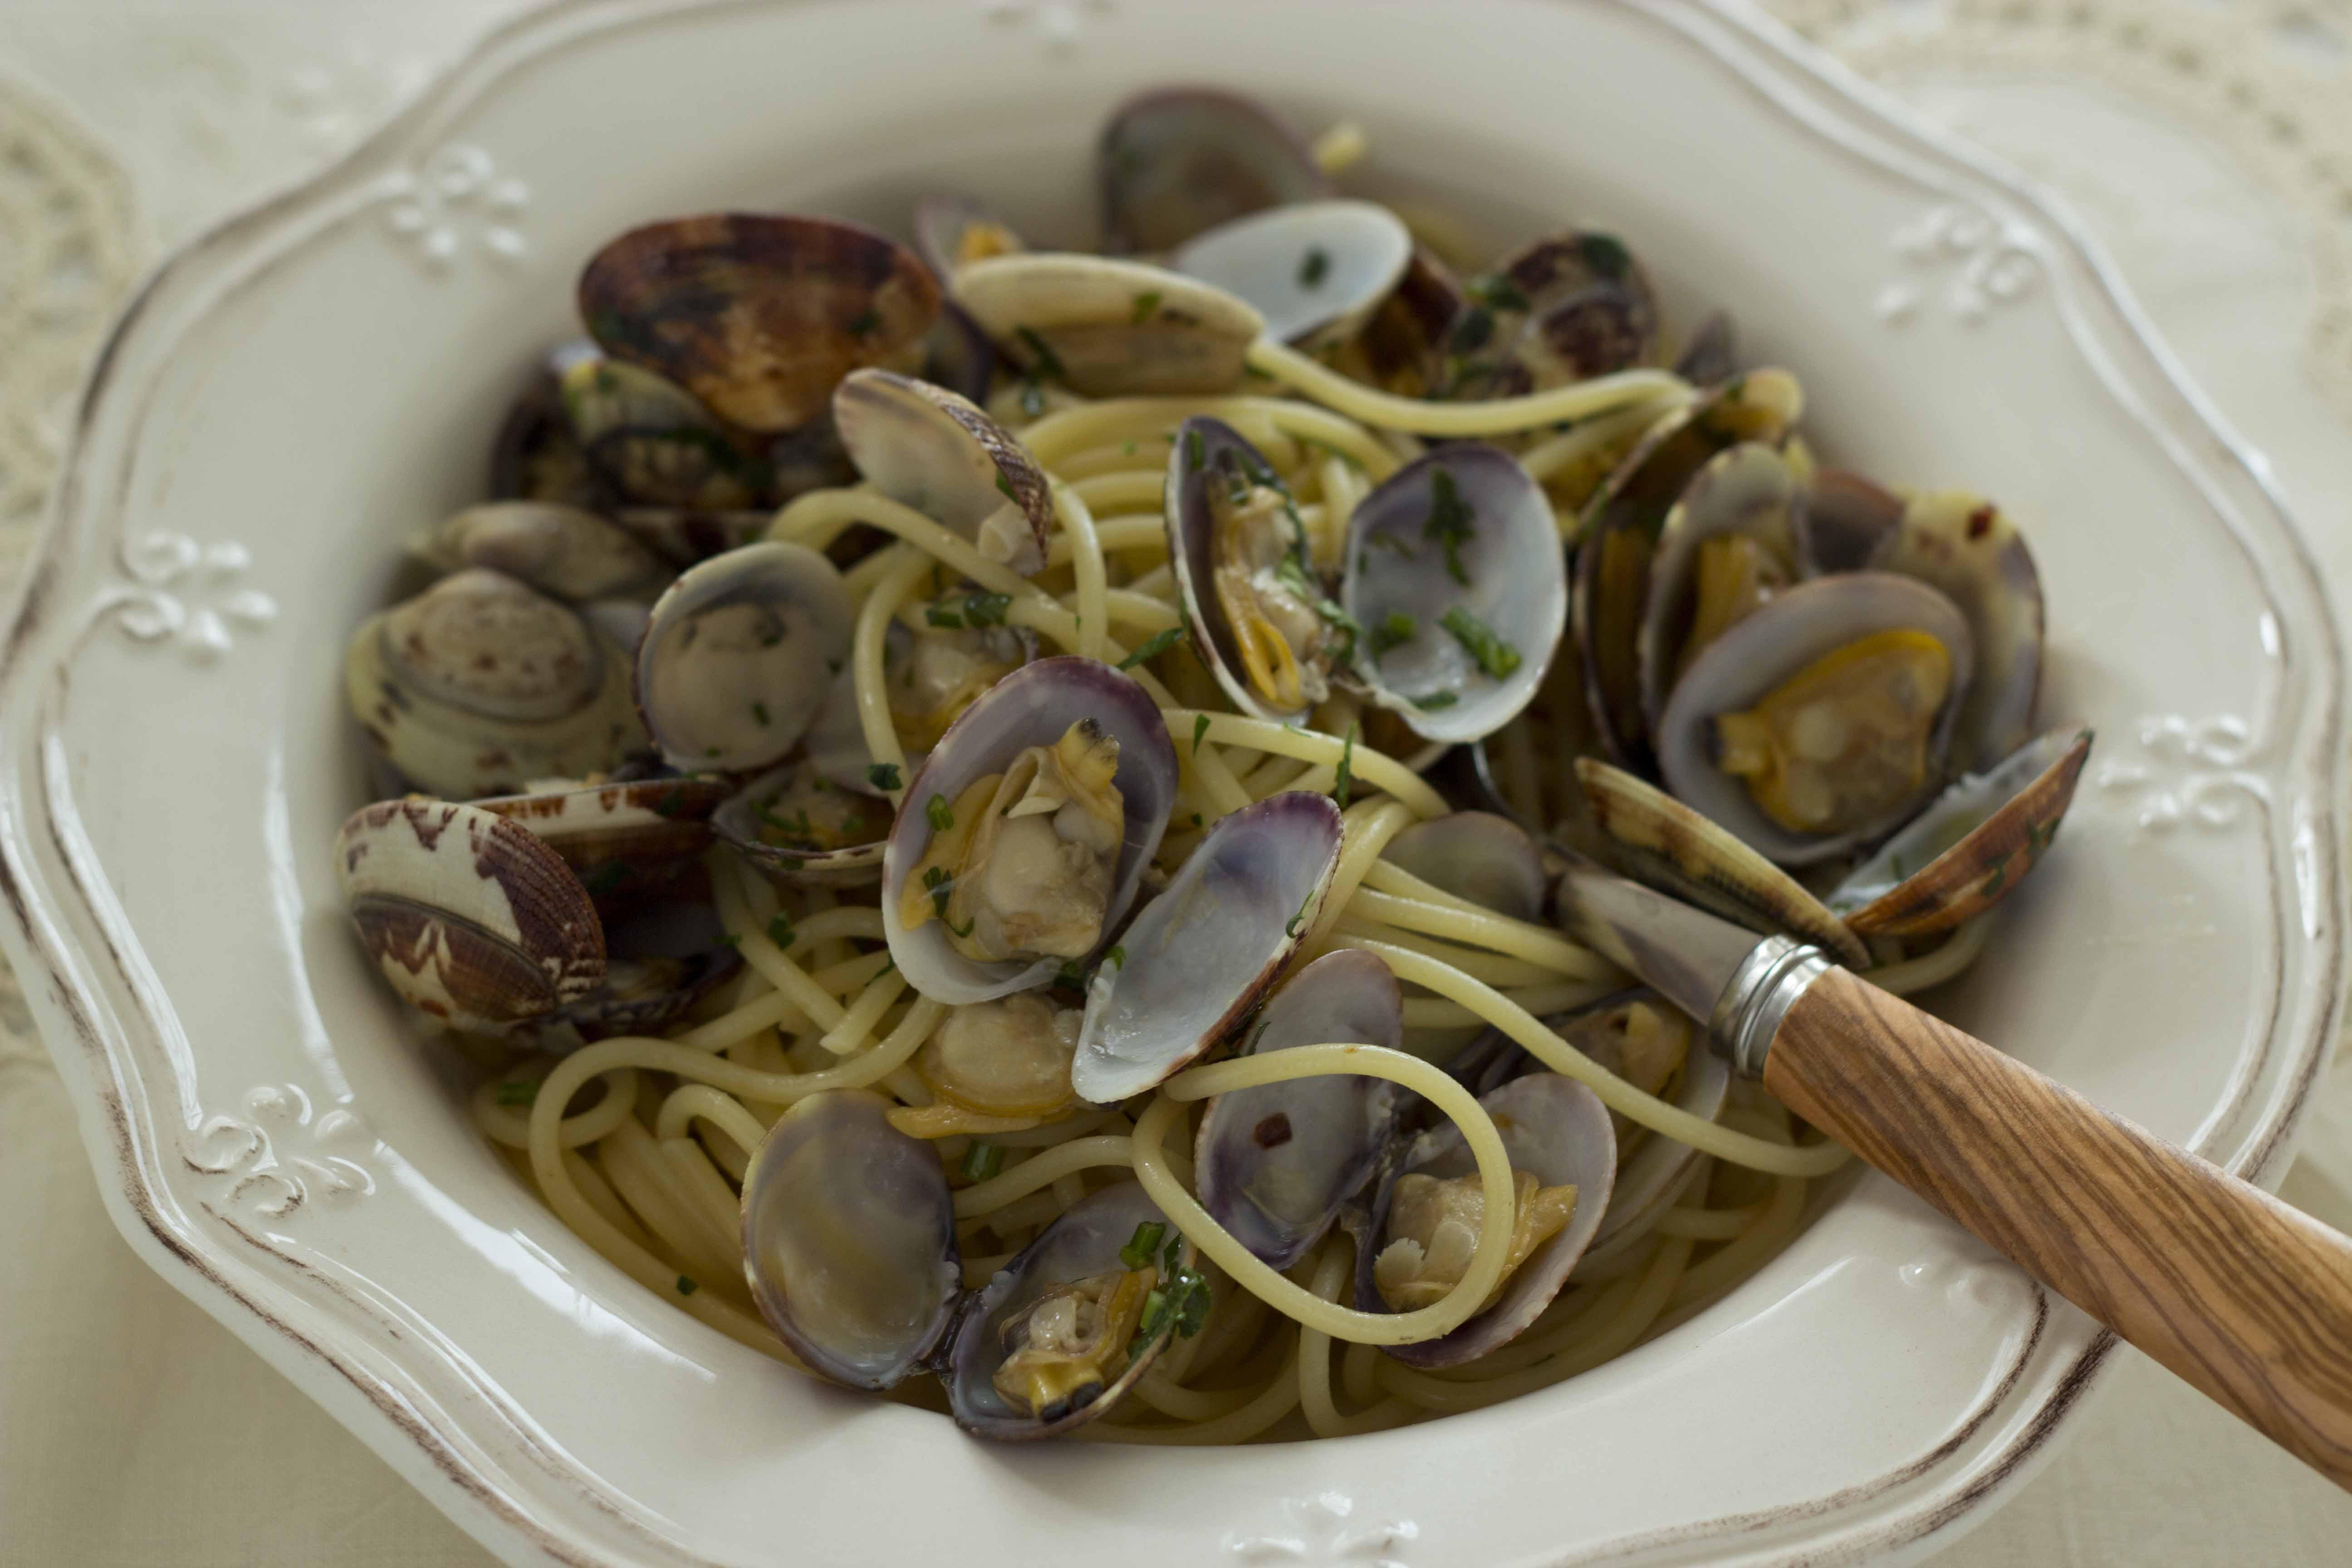 Spaghetti Alla Vongole Spaghetti With Clams Is A